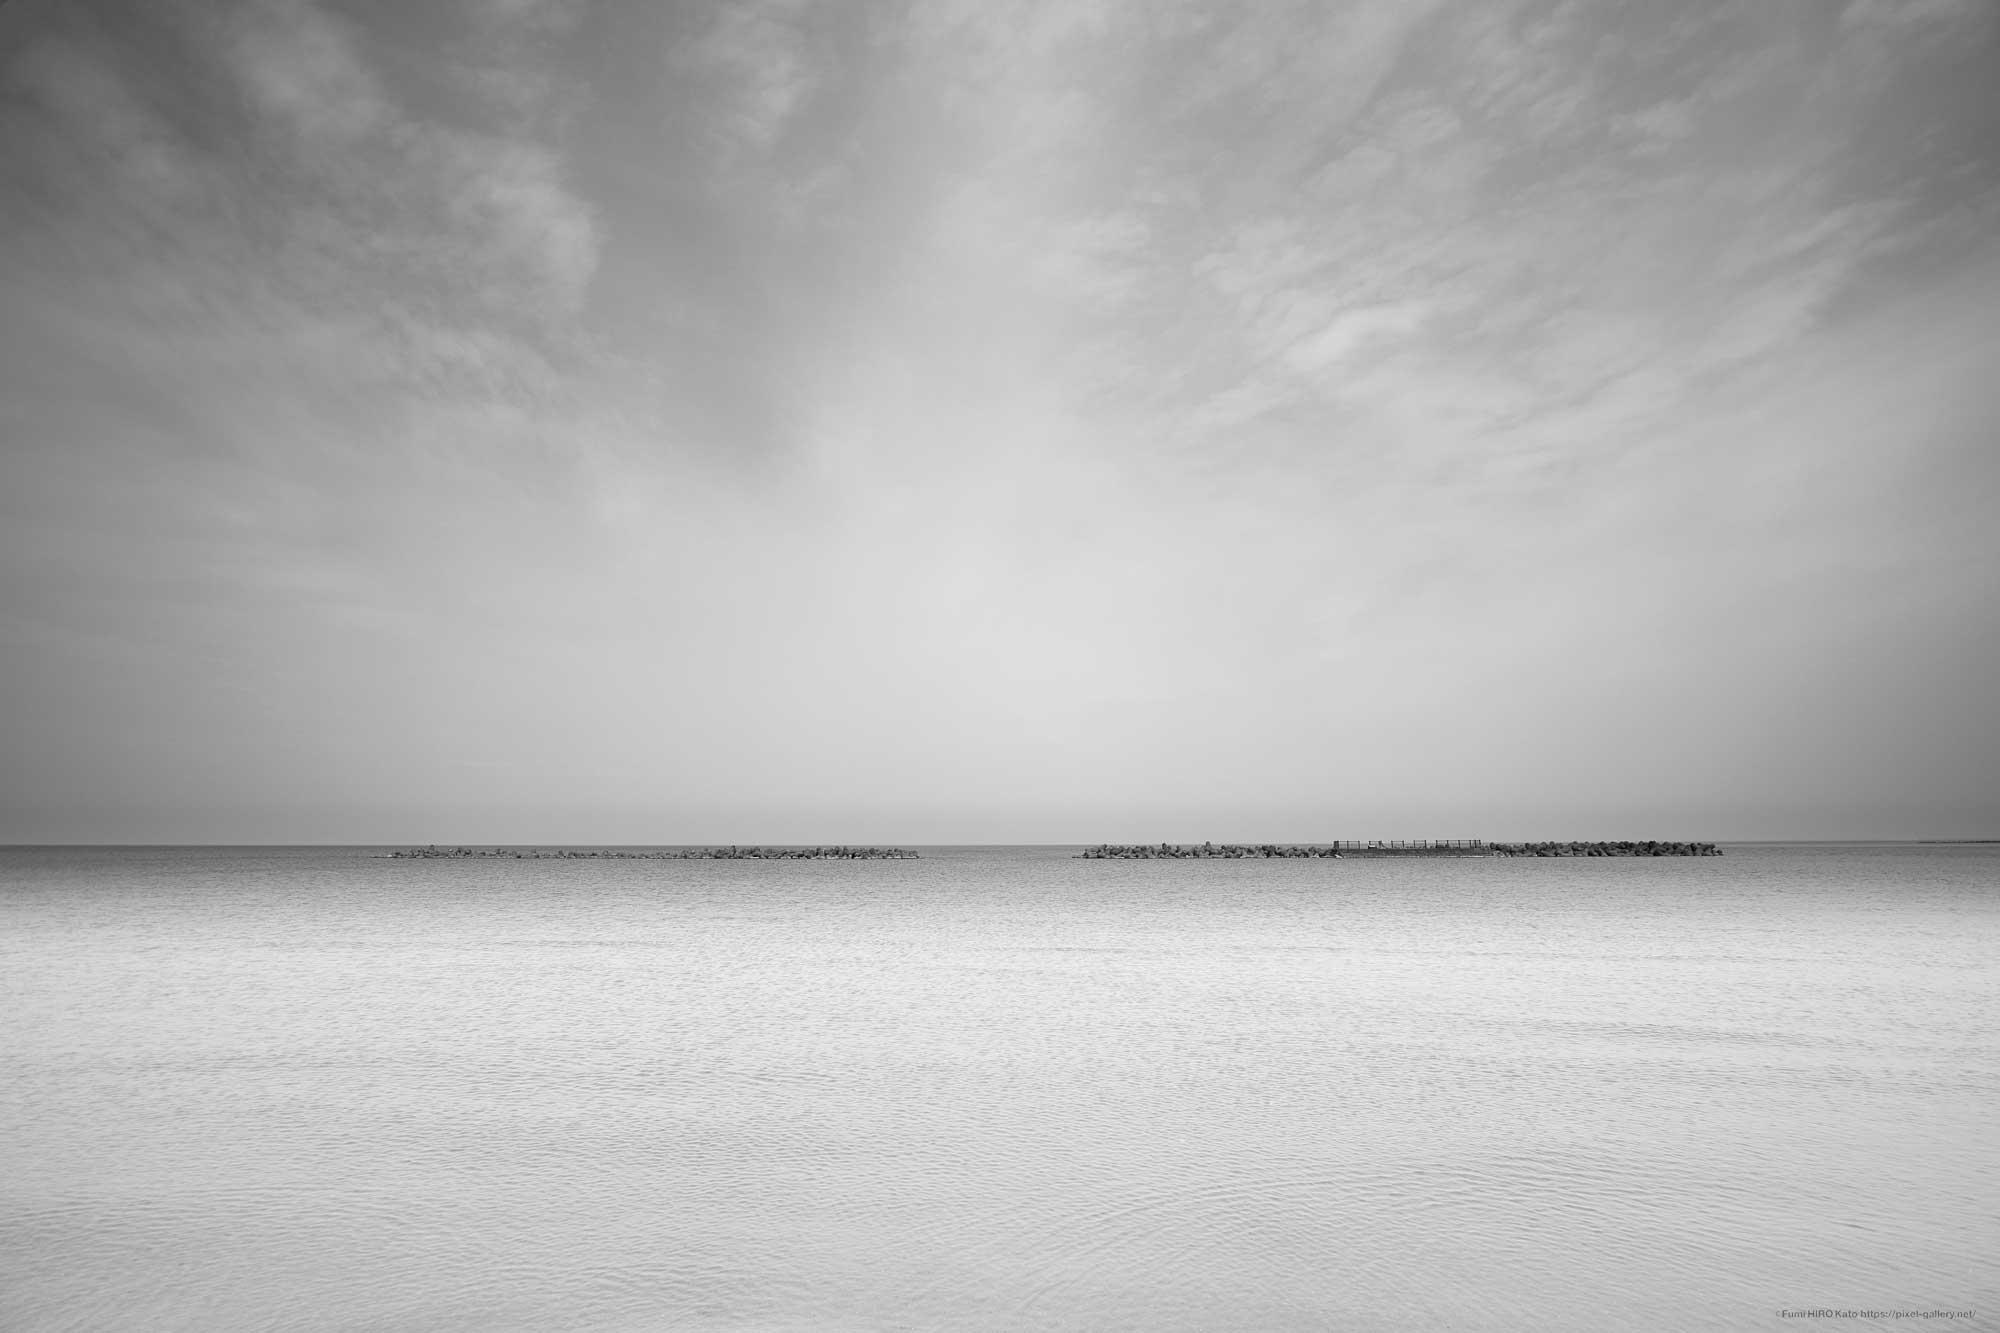 七歳、新潟、砂の記憶 19-007